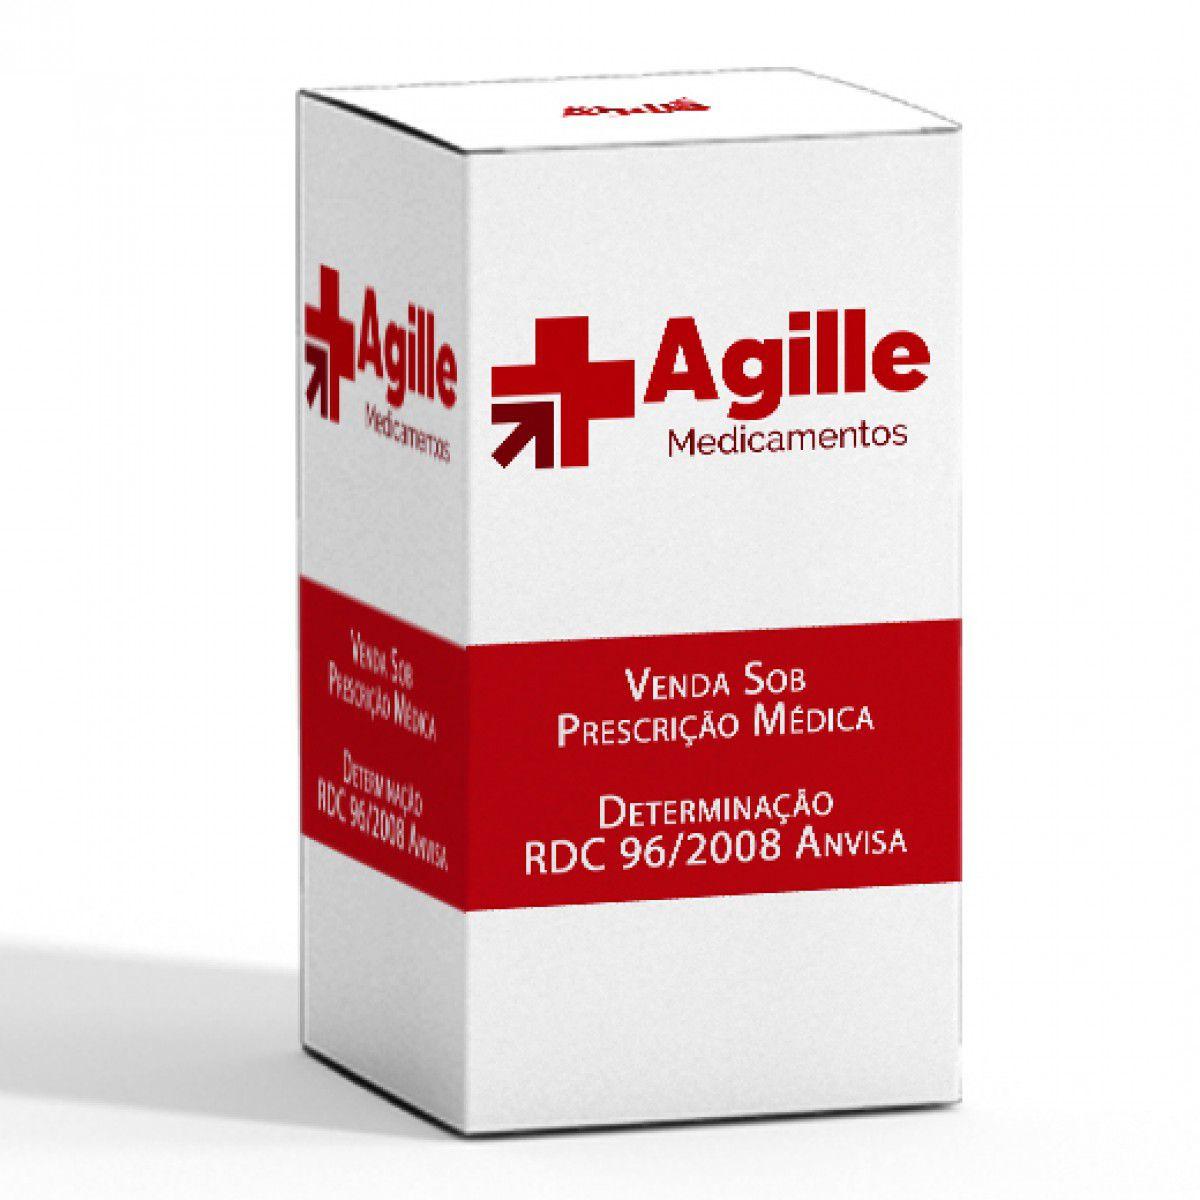 MESILATO DE IMATINIBE 400 MG CRISTALIA  - Agille Speciality